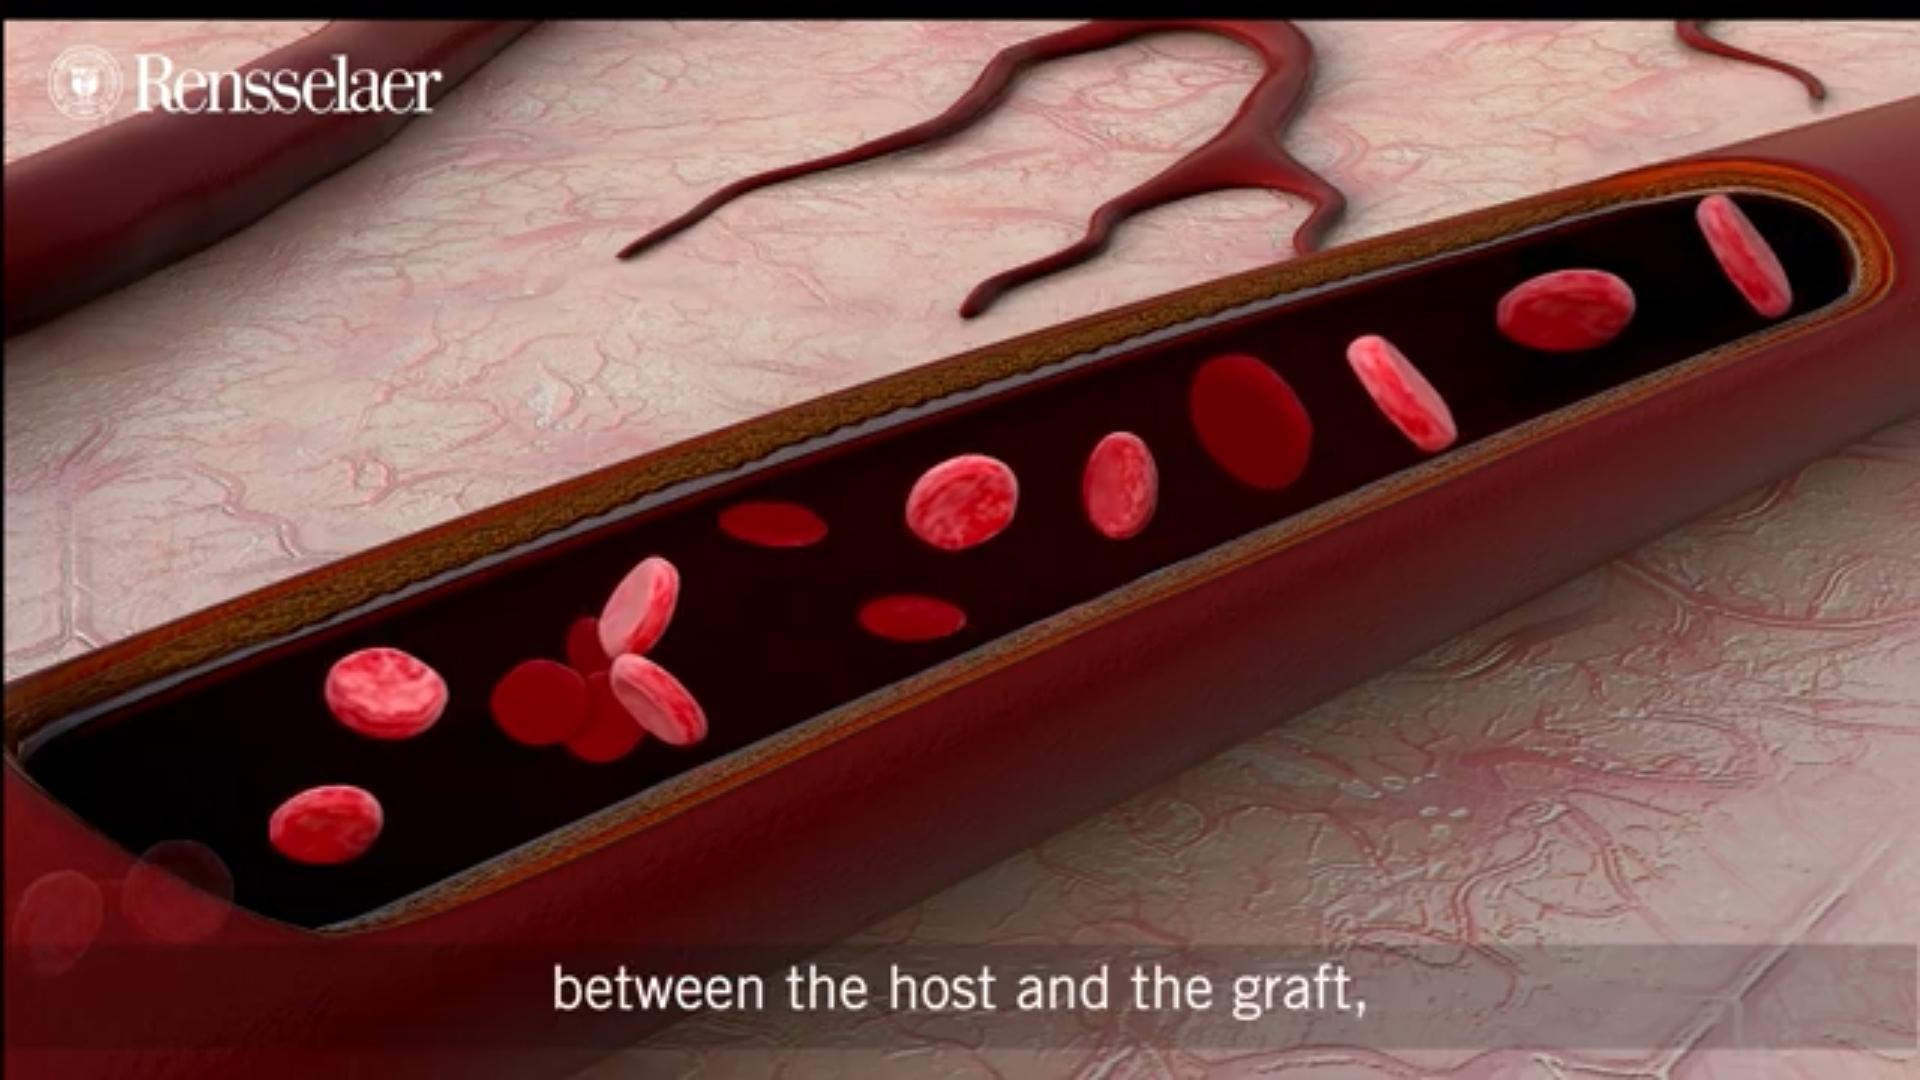 血管付きの「生きた皮膚」を3Dプリントで作成成功の画像 2/3